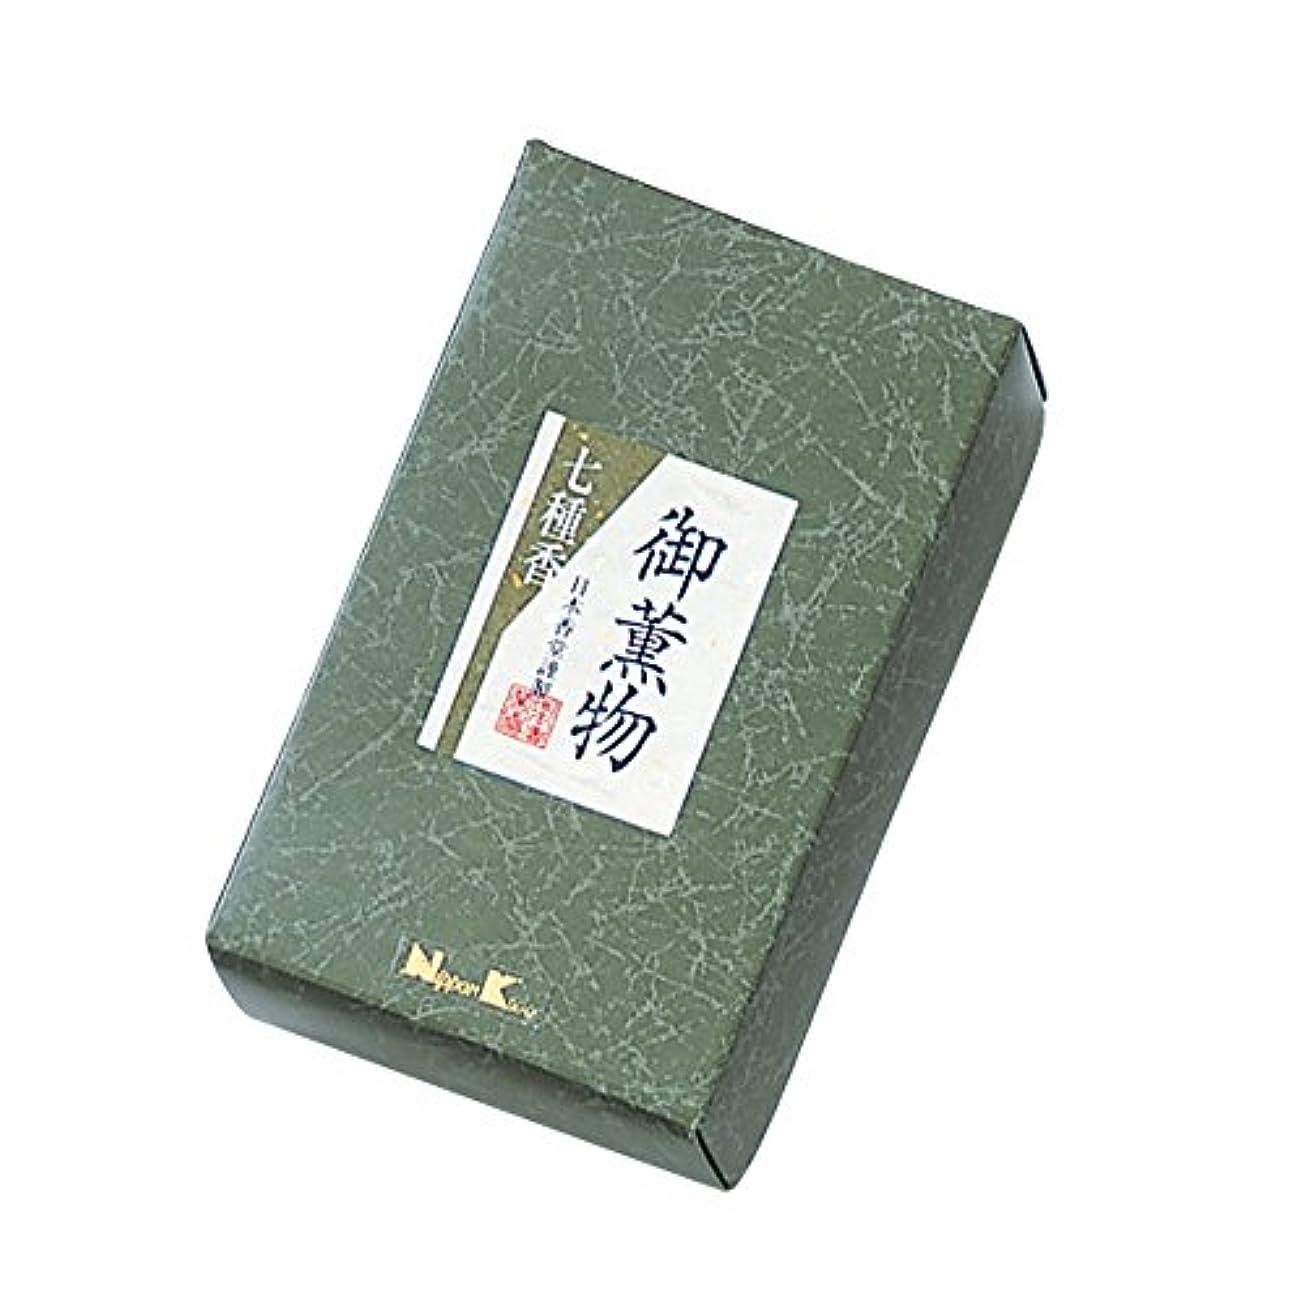 いたずらな驚くべきボイラー御薫物七種香 125g